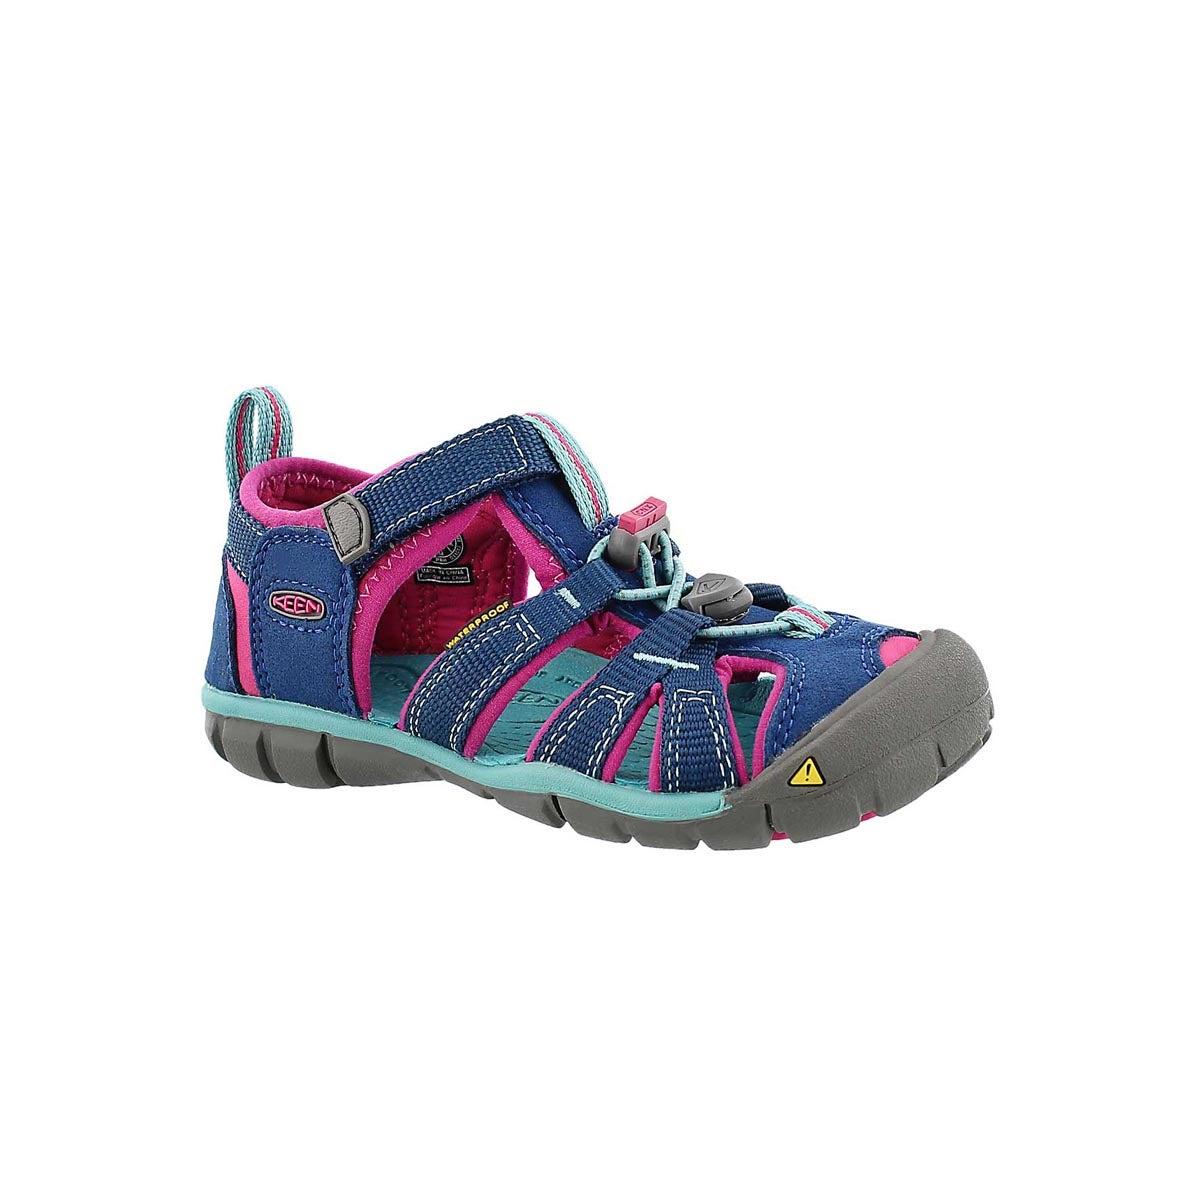 Infants' SEACAMP II navy/berry sport sandals